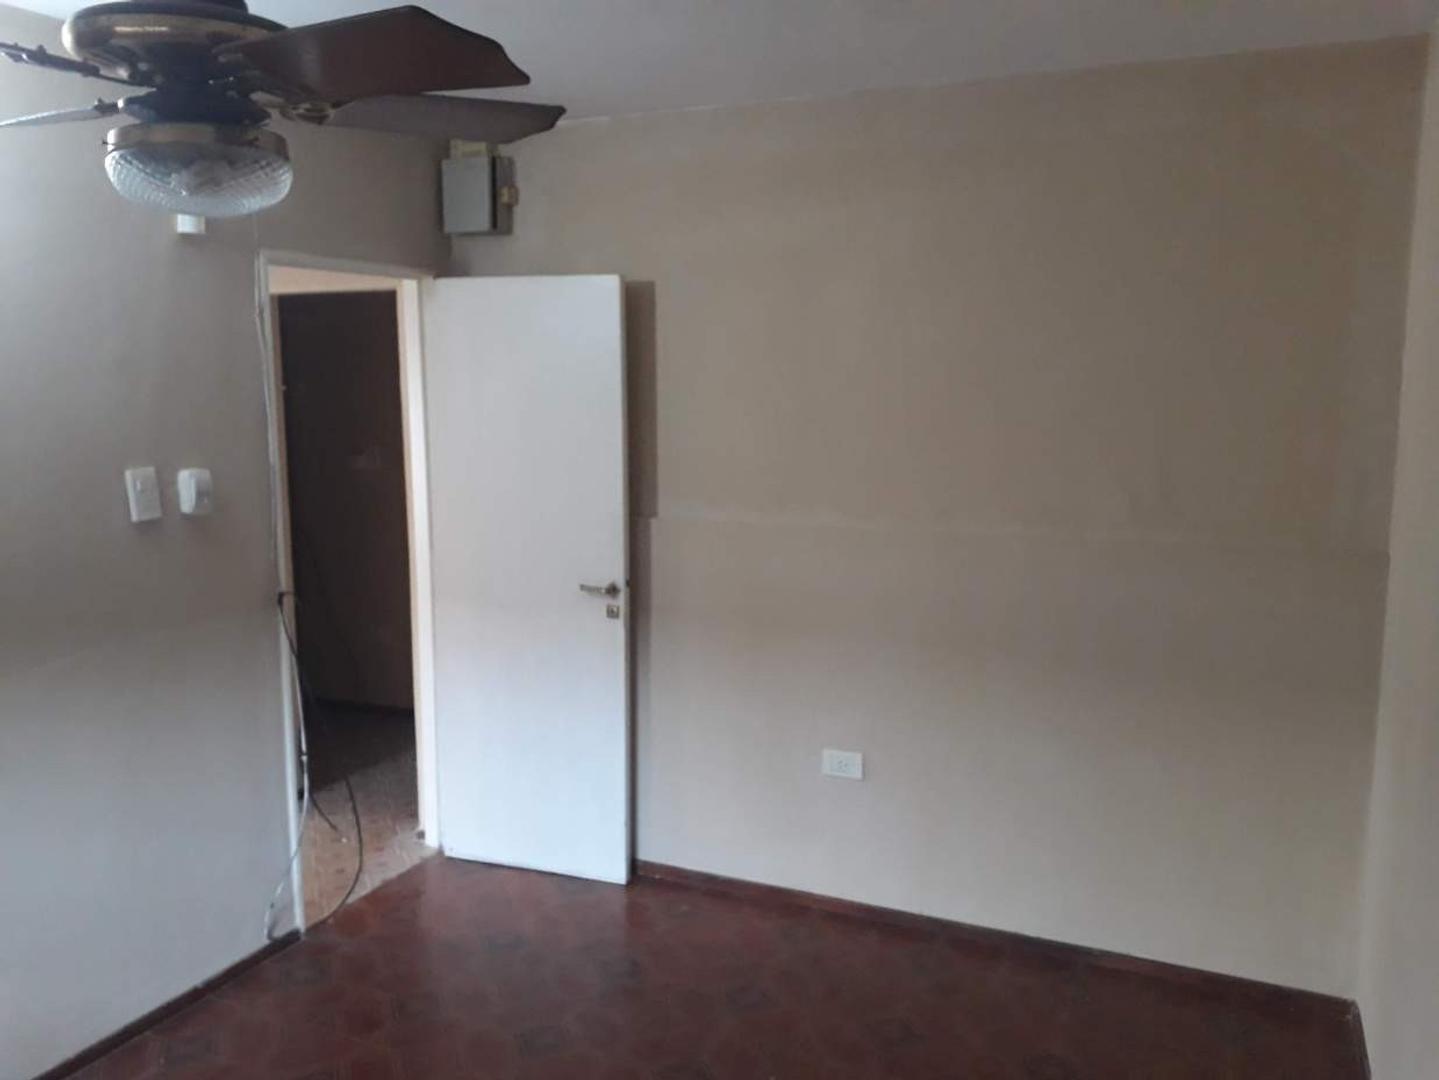 Casa de 2 dormitorios con Patio Santa Fe al 5300 - Foto 16